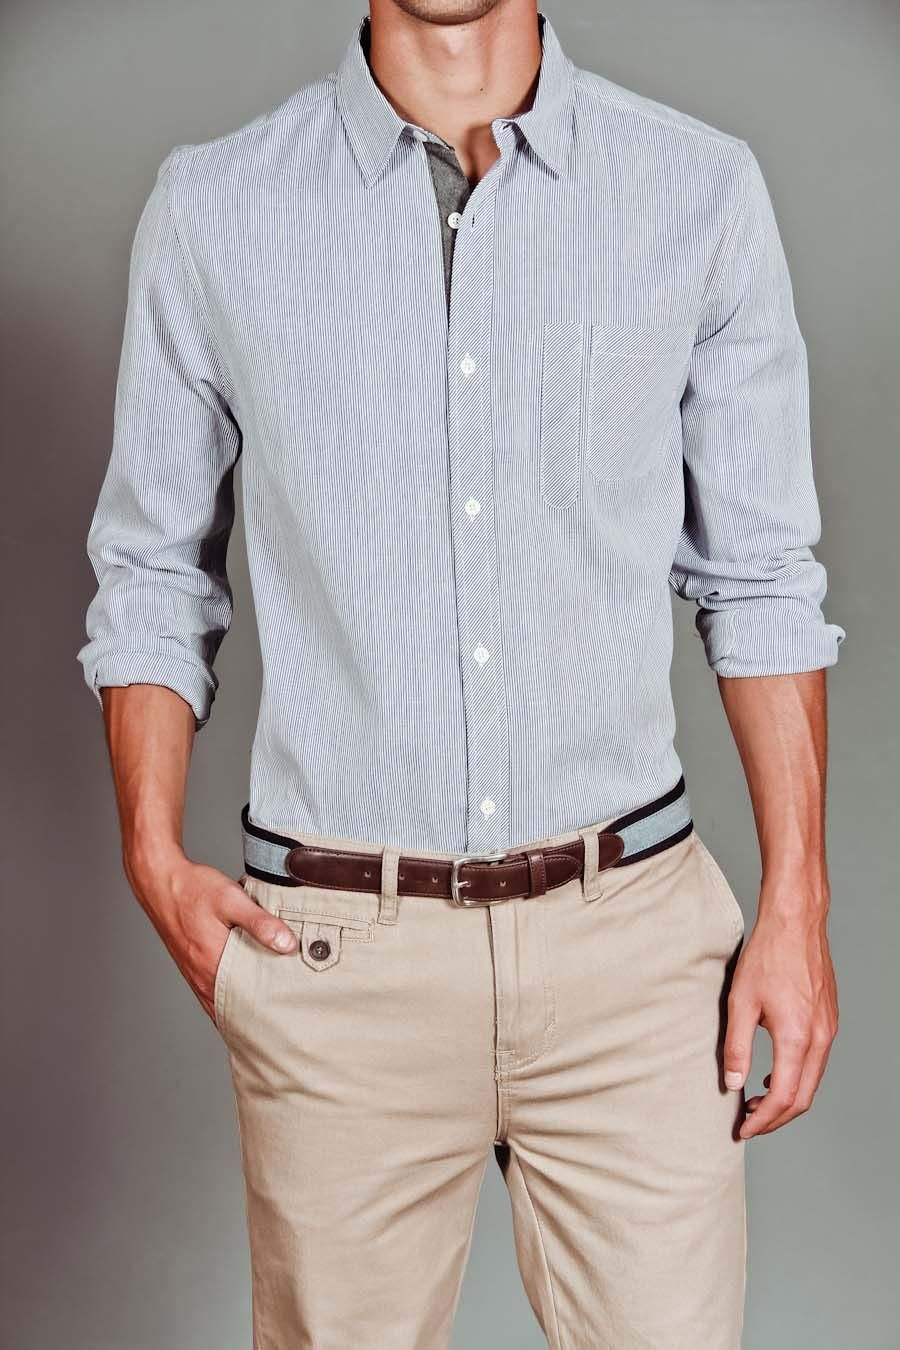 Light Blue Shirt/ Cotton Khaki Pants